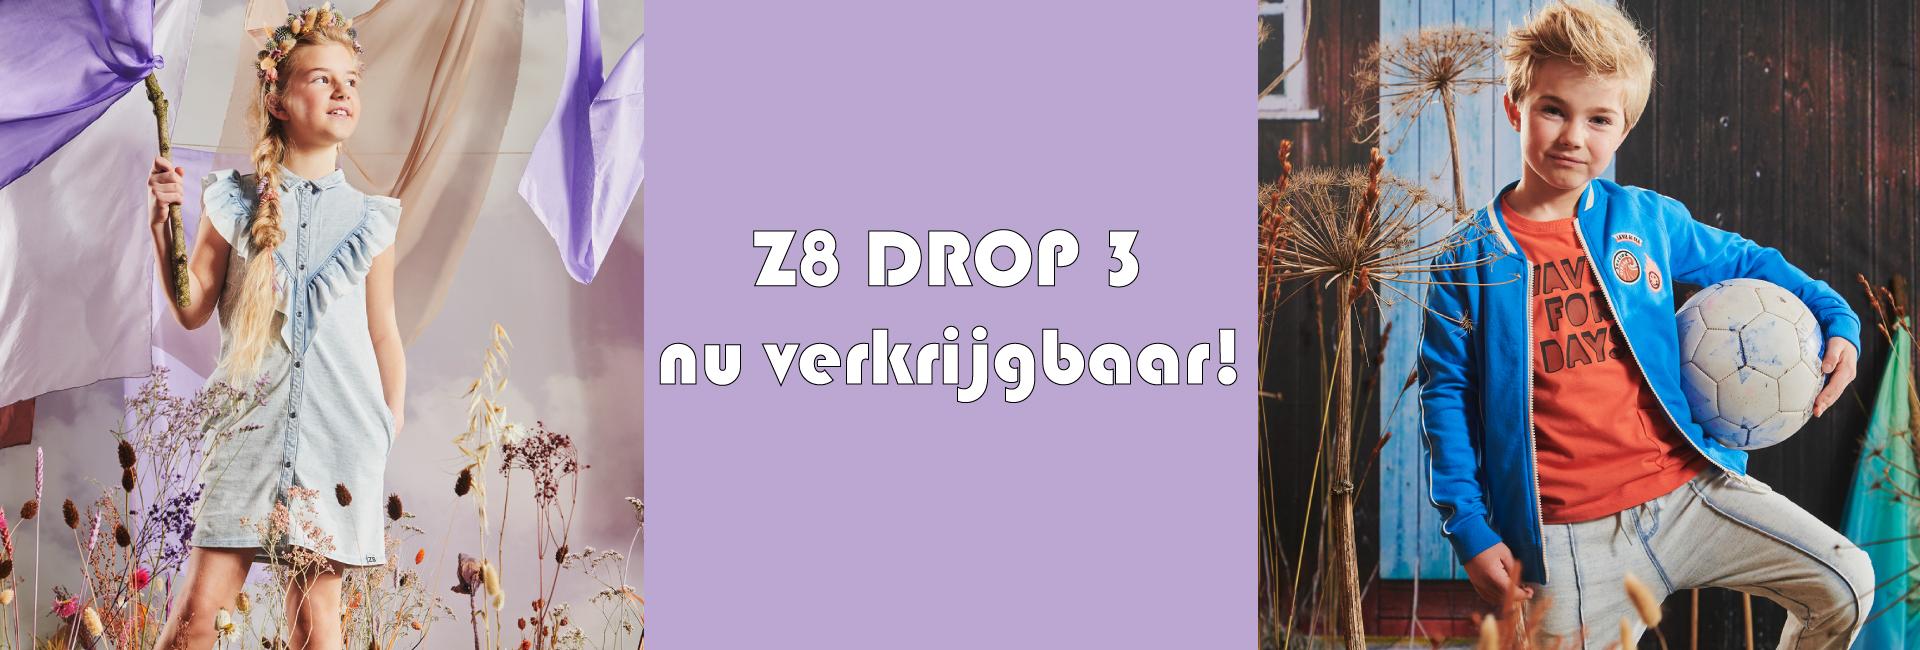 Z8 DROP 3